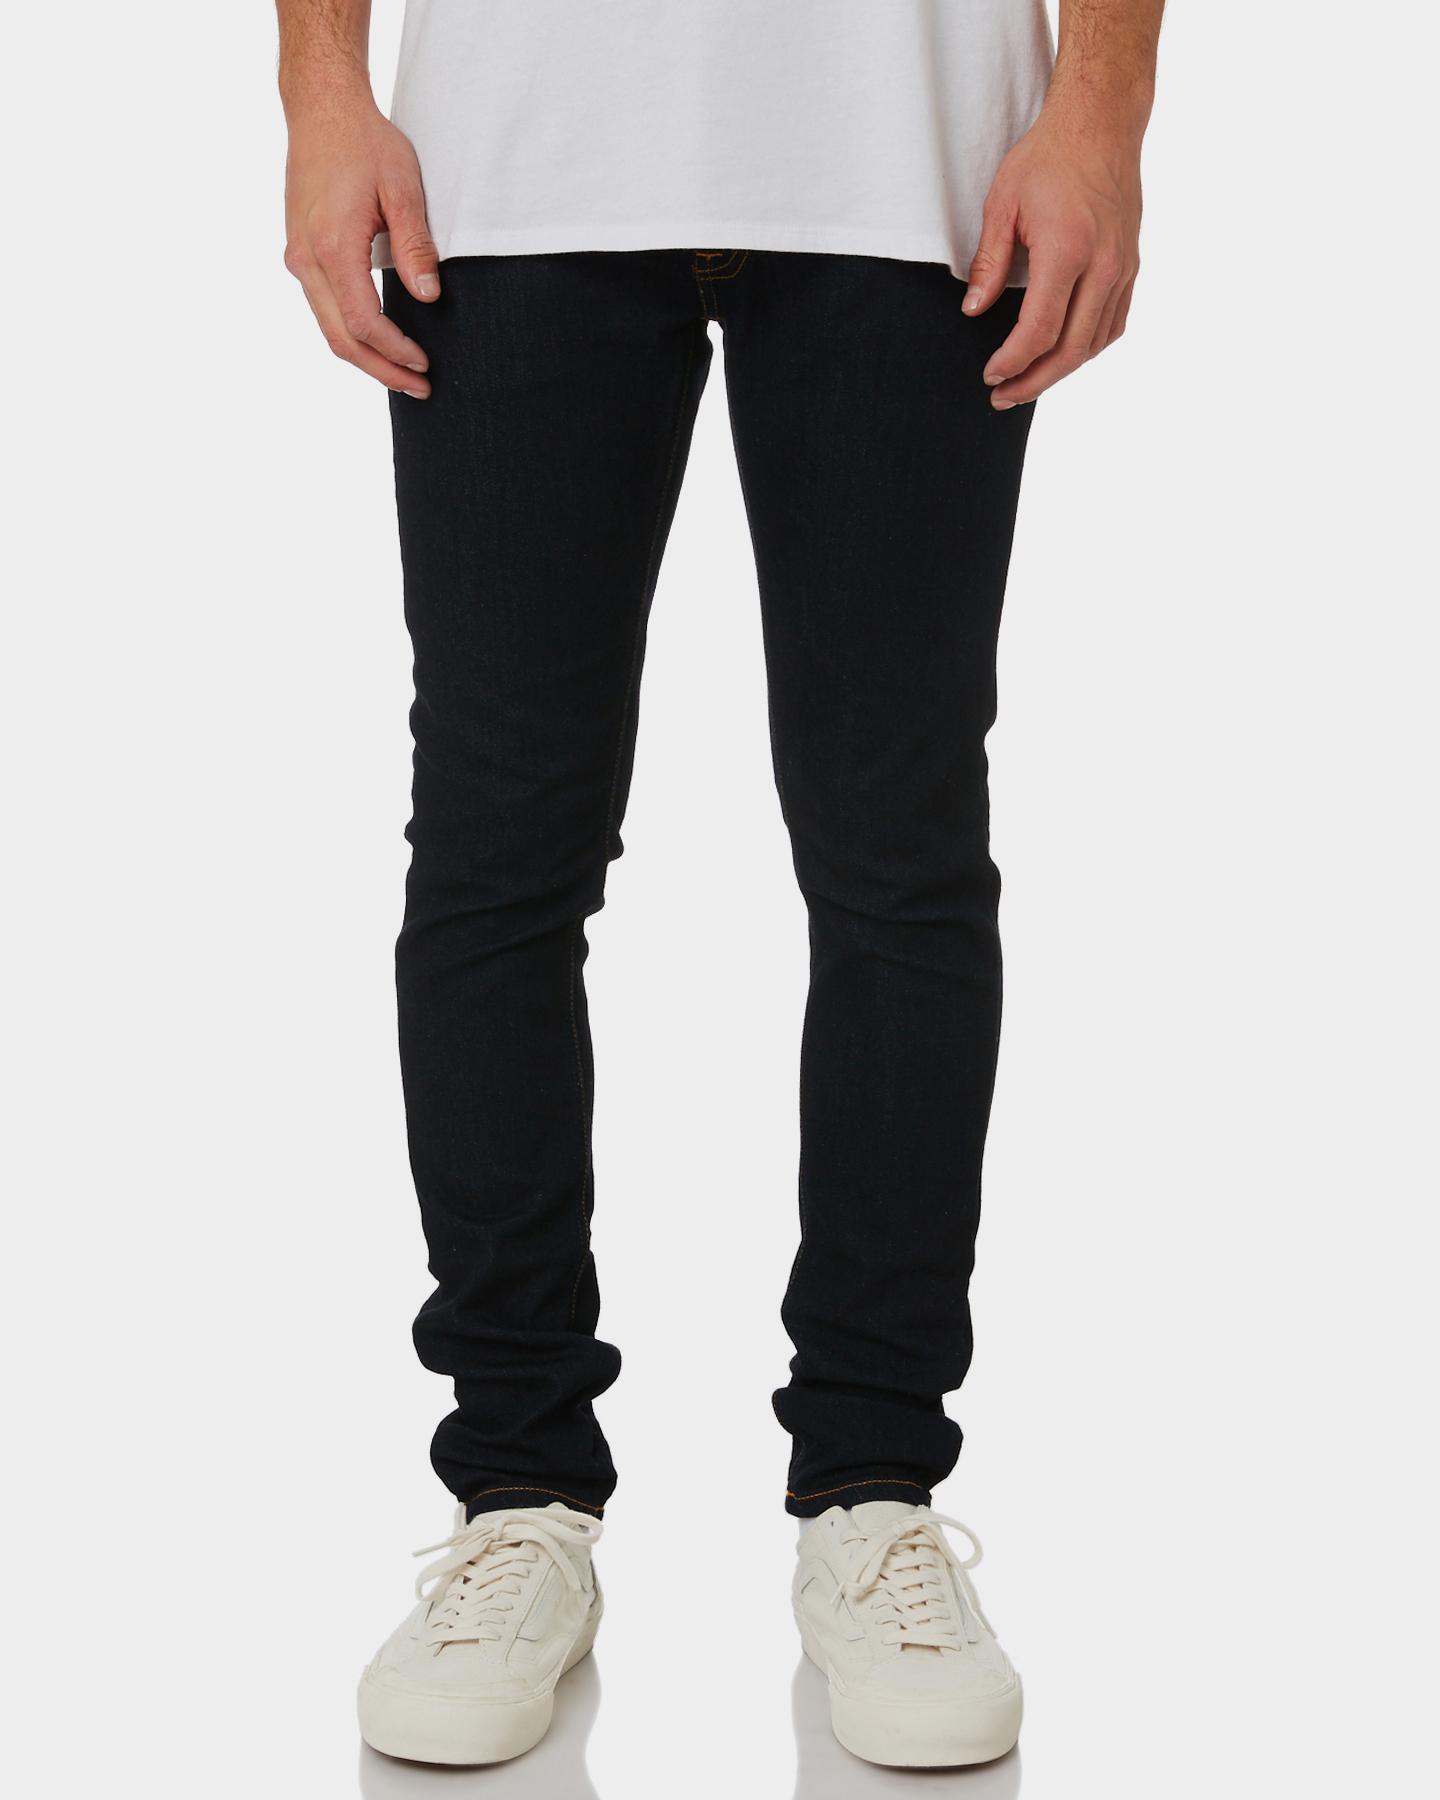 96505546d7df Nudie Jeans Co Men s Skinny Lin Mens Jean Cotton Elastane Blue